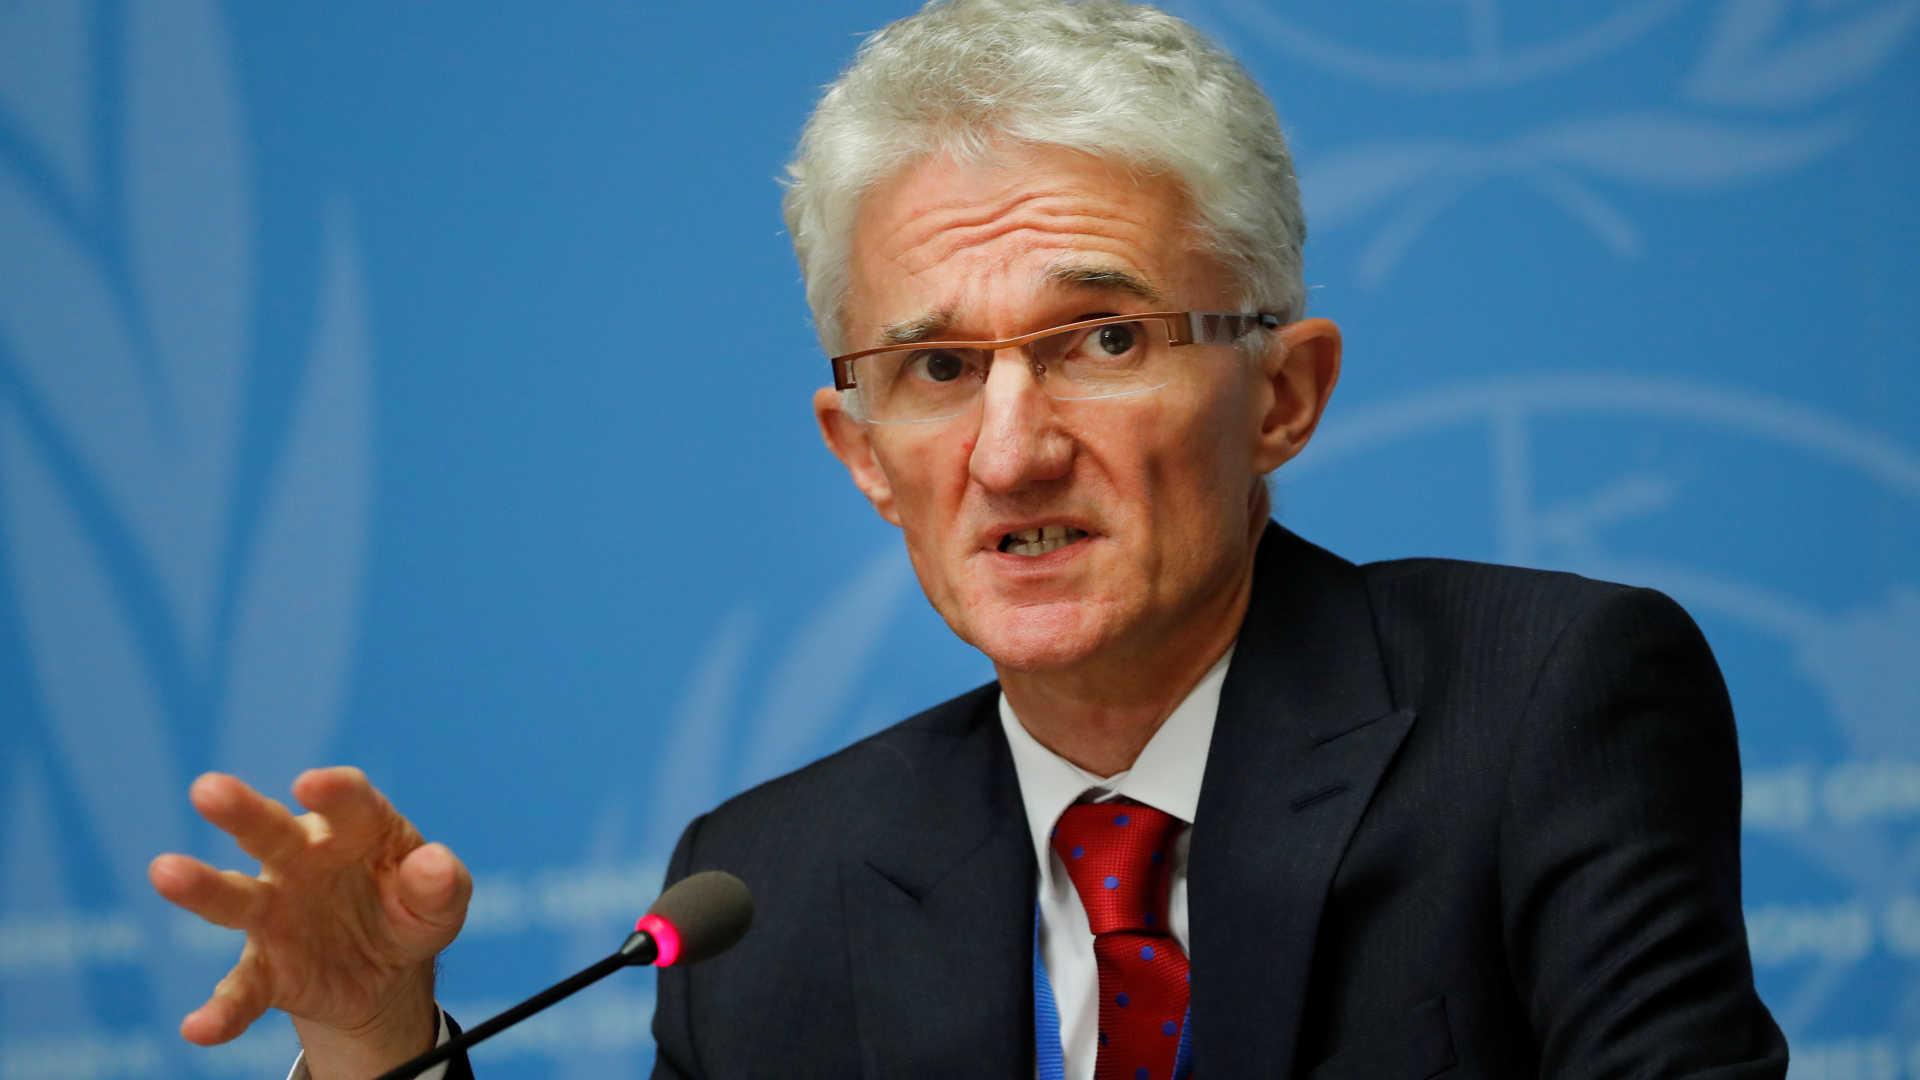 منسق الأمم المتحدة للإغاثة: ربع مليون يمني يواجهون مستويات كارثية من الجوع